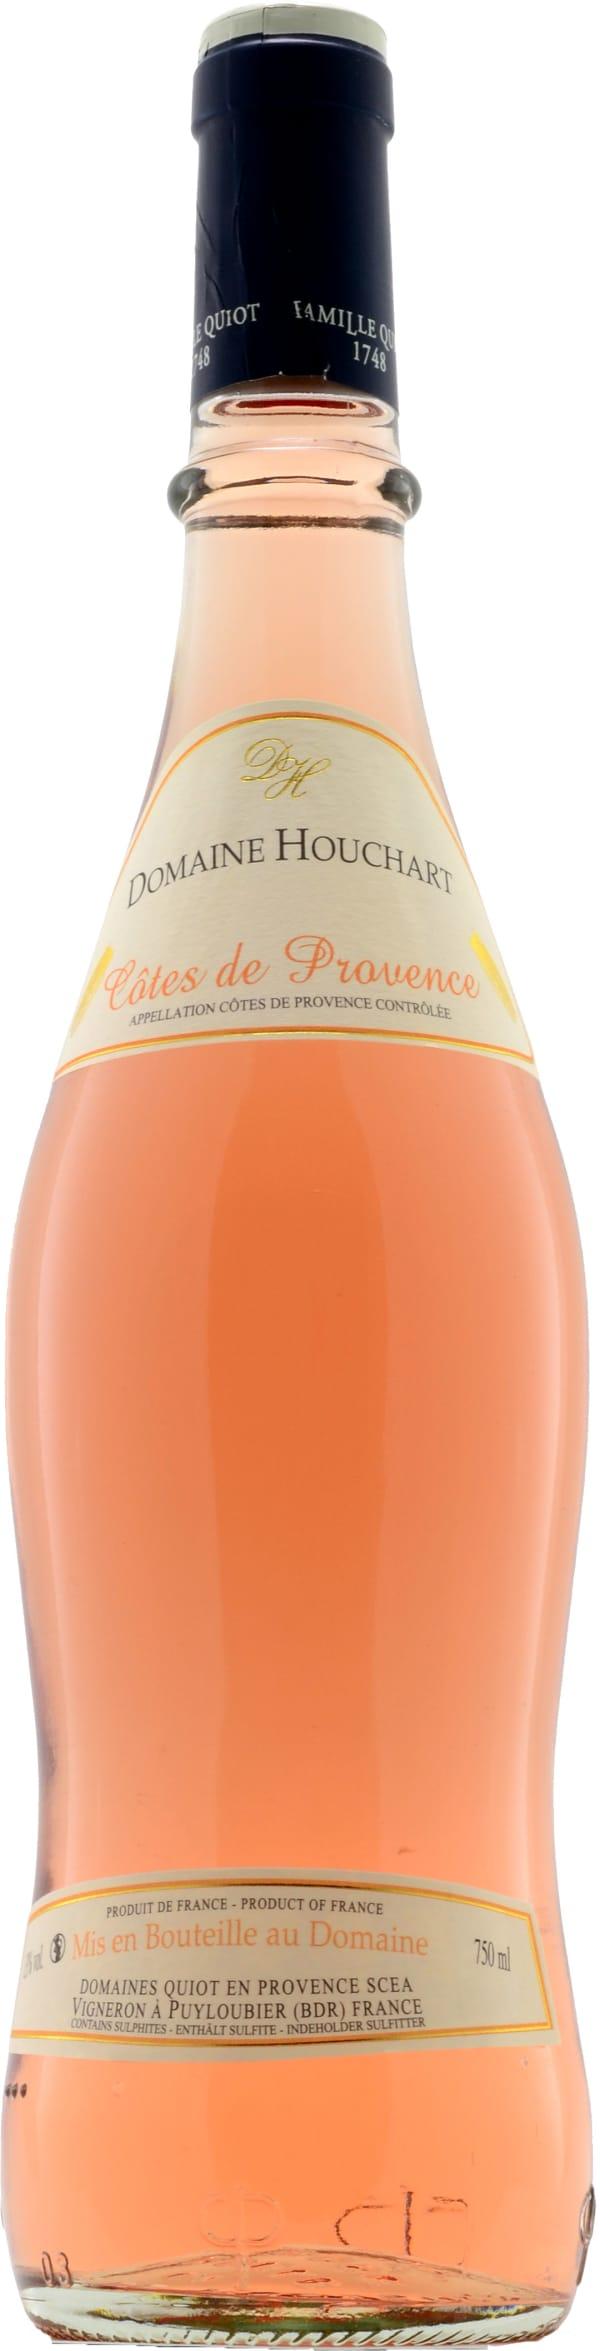 Domaine Houchart Rosé 2019